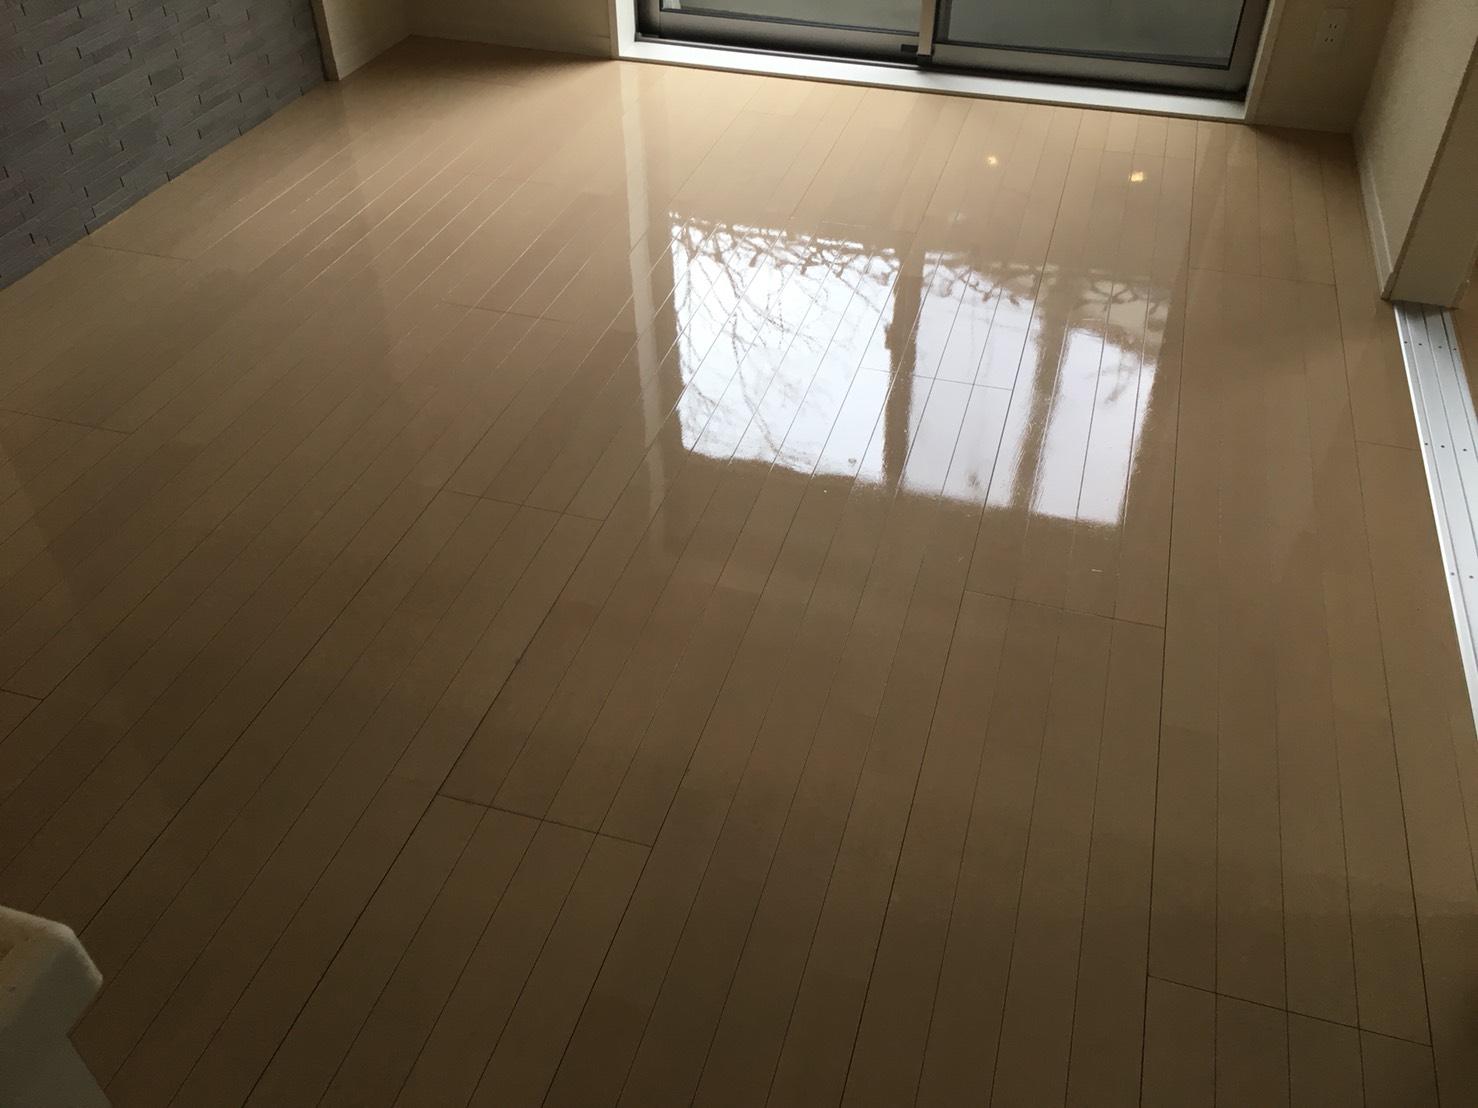 ご相談・お見積は無料🌈おそうじプラスのフローリング清掃 お気軽にお問合せ下さい!ムラなく綺麗!清掃スタッフが対応!ワックスで床の光沢が輝きます!